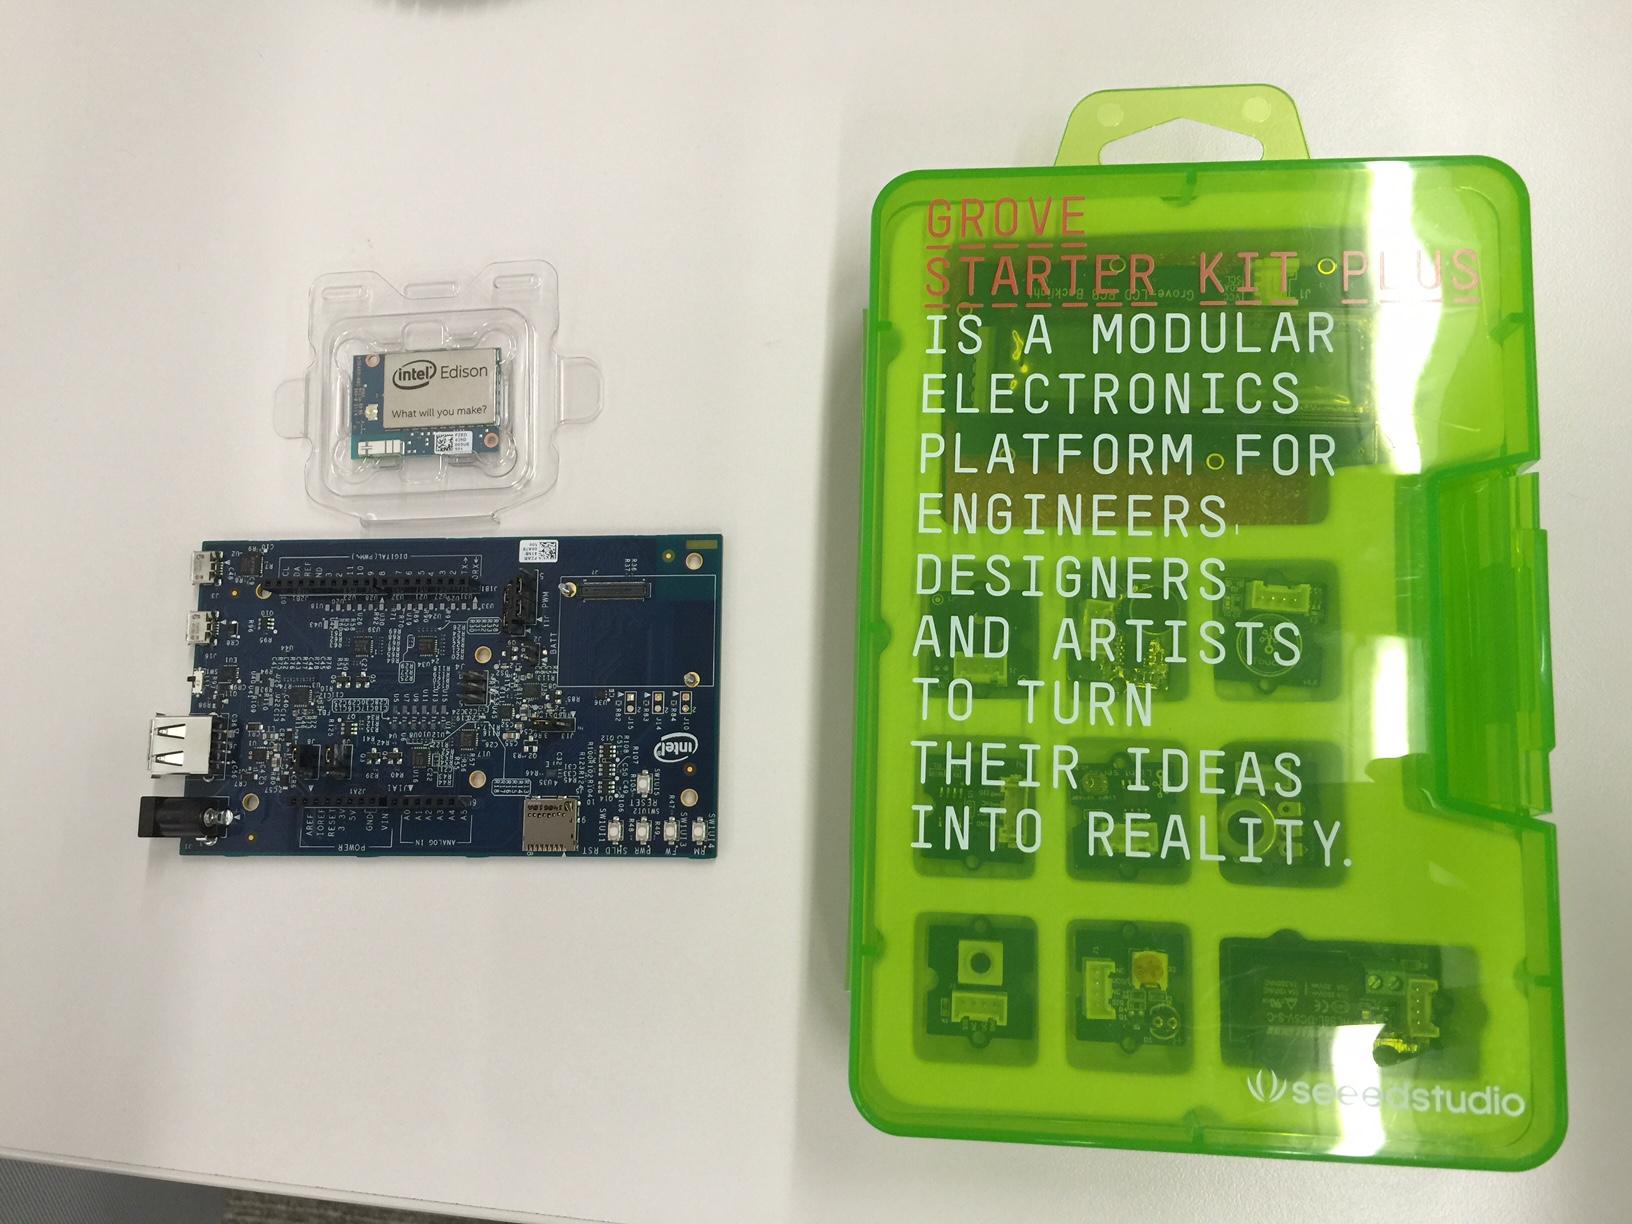 左上がEdison、左下がEdison Kit for Arduino、右側がGROVEキット